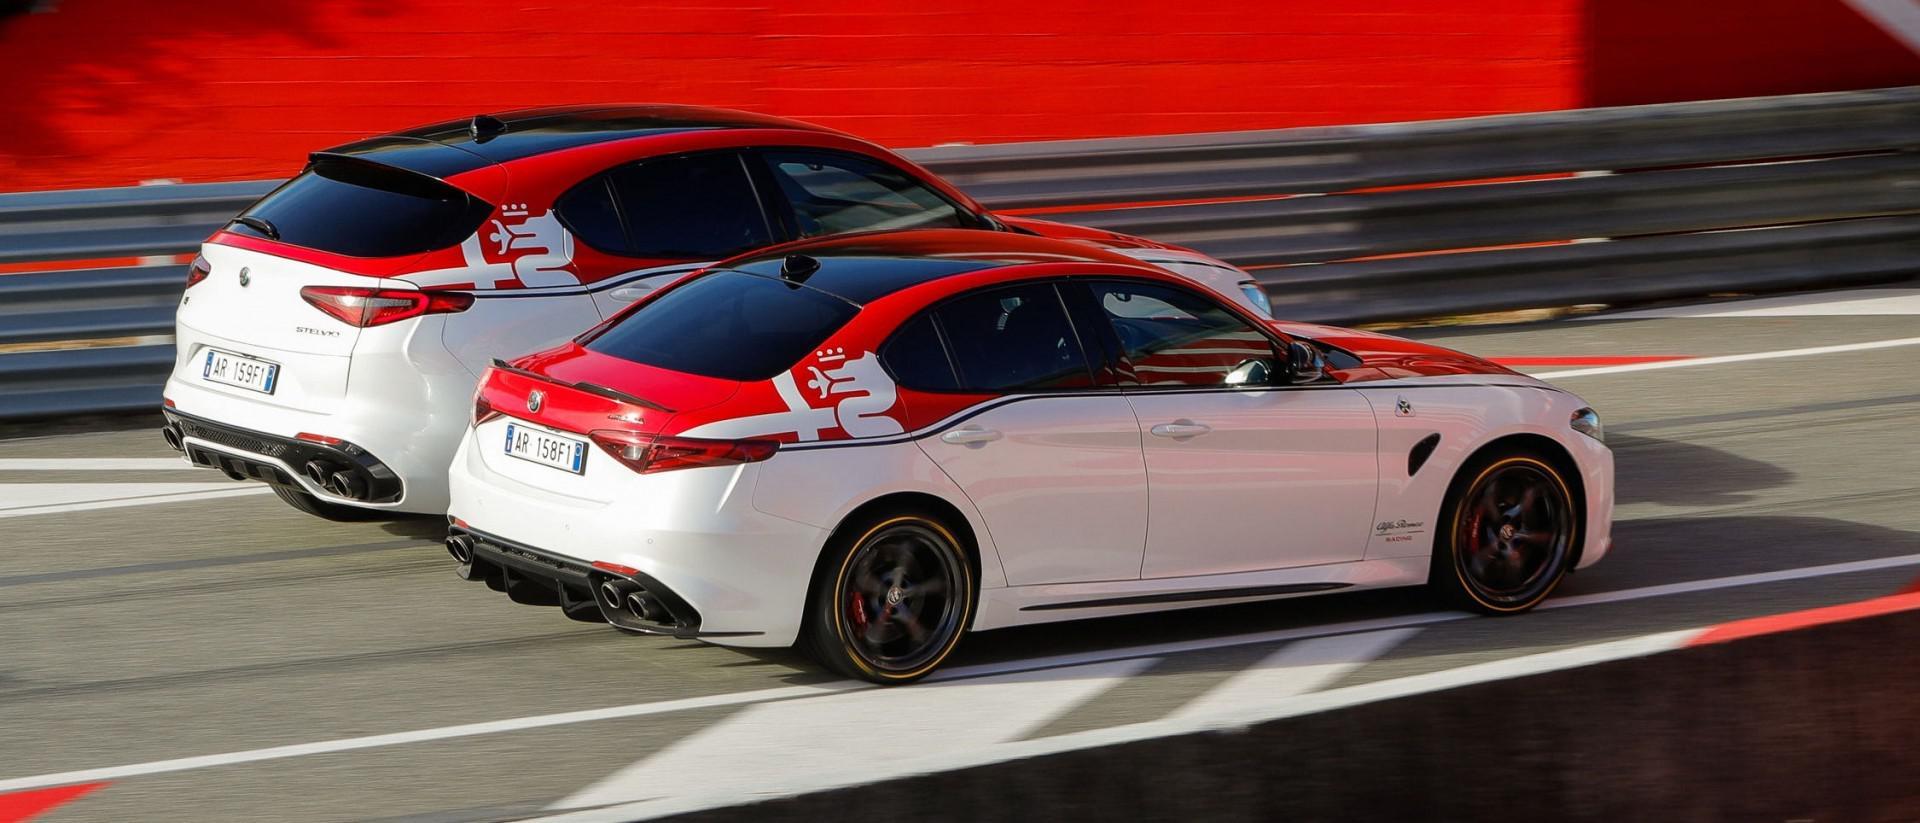 Une version spéciale et limitée Alfa Romeo Racing !